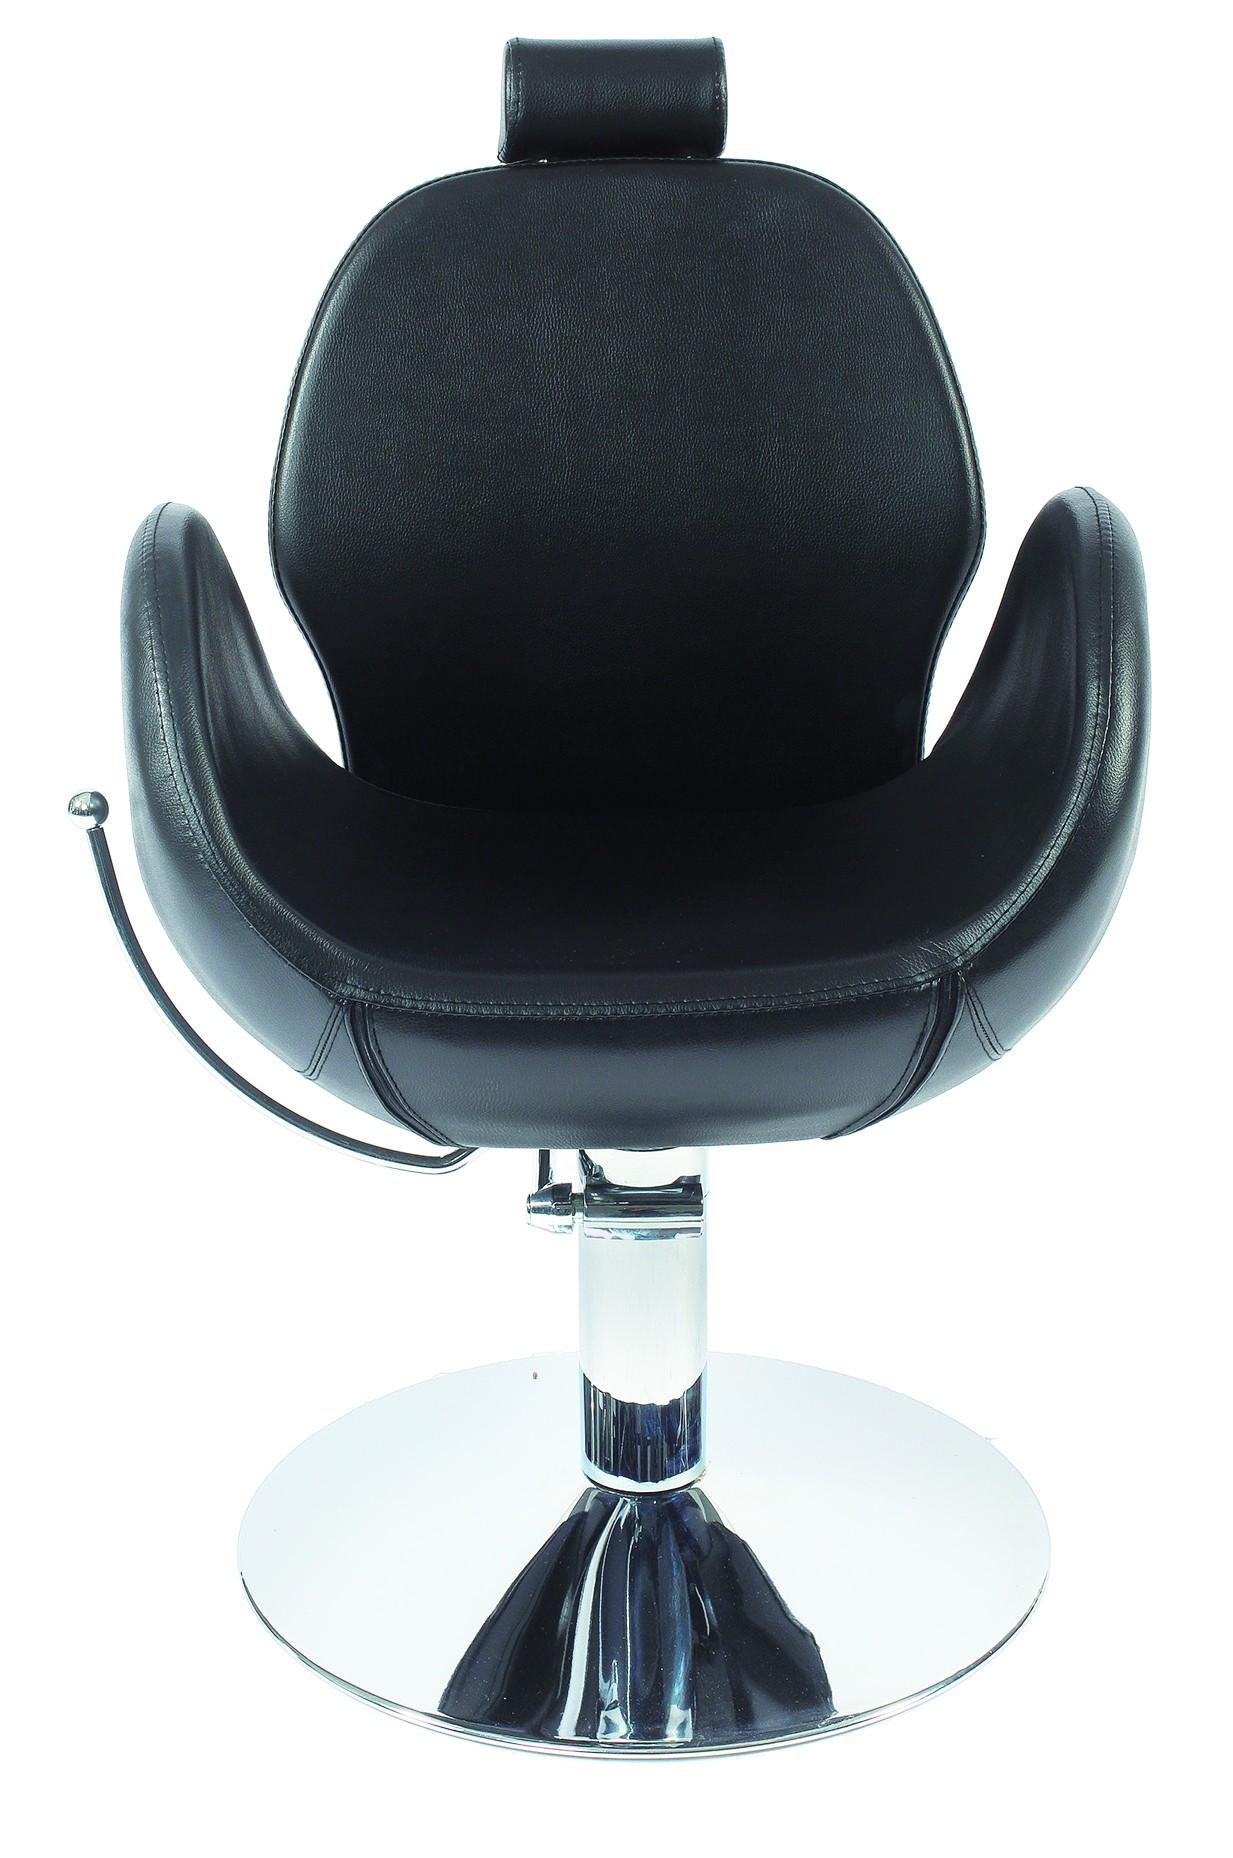 """כיסא לקוח הידראולי דגם 6225 צבע שחור. בוכנה גבוהה. אחריות שנתיים על הבוכנה. מחיר לא כולל מע""""מ ולא כולל הובלה."""